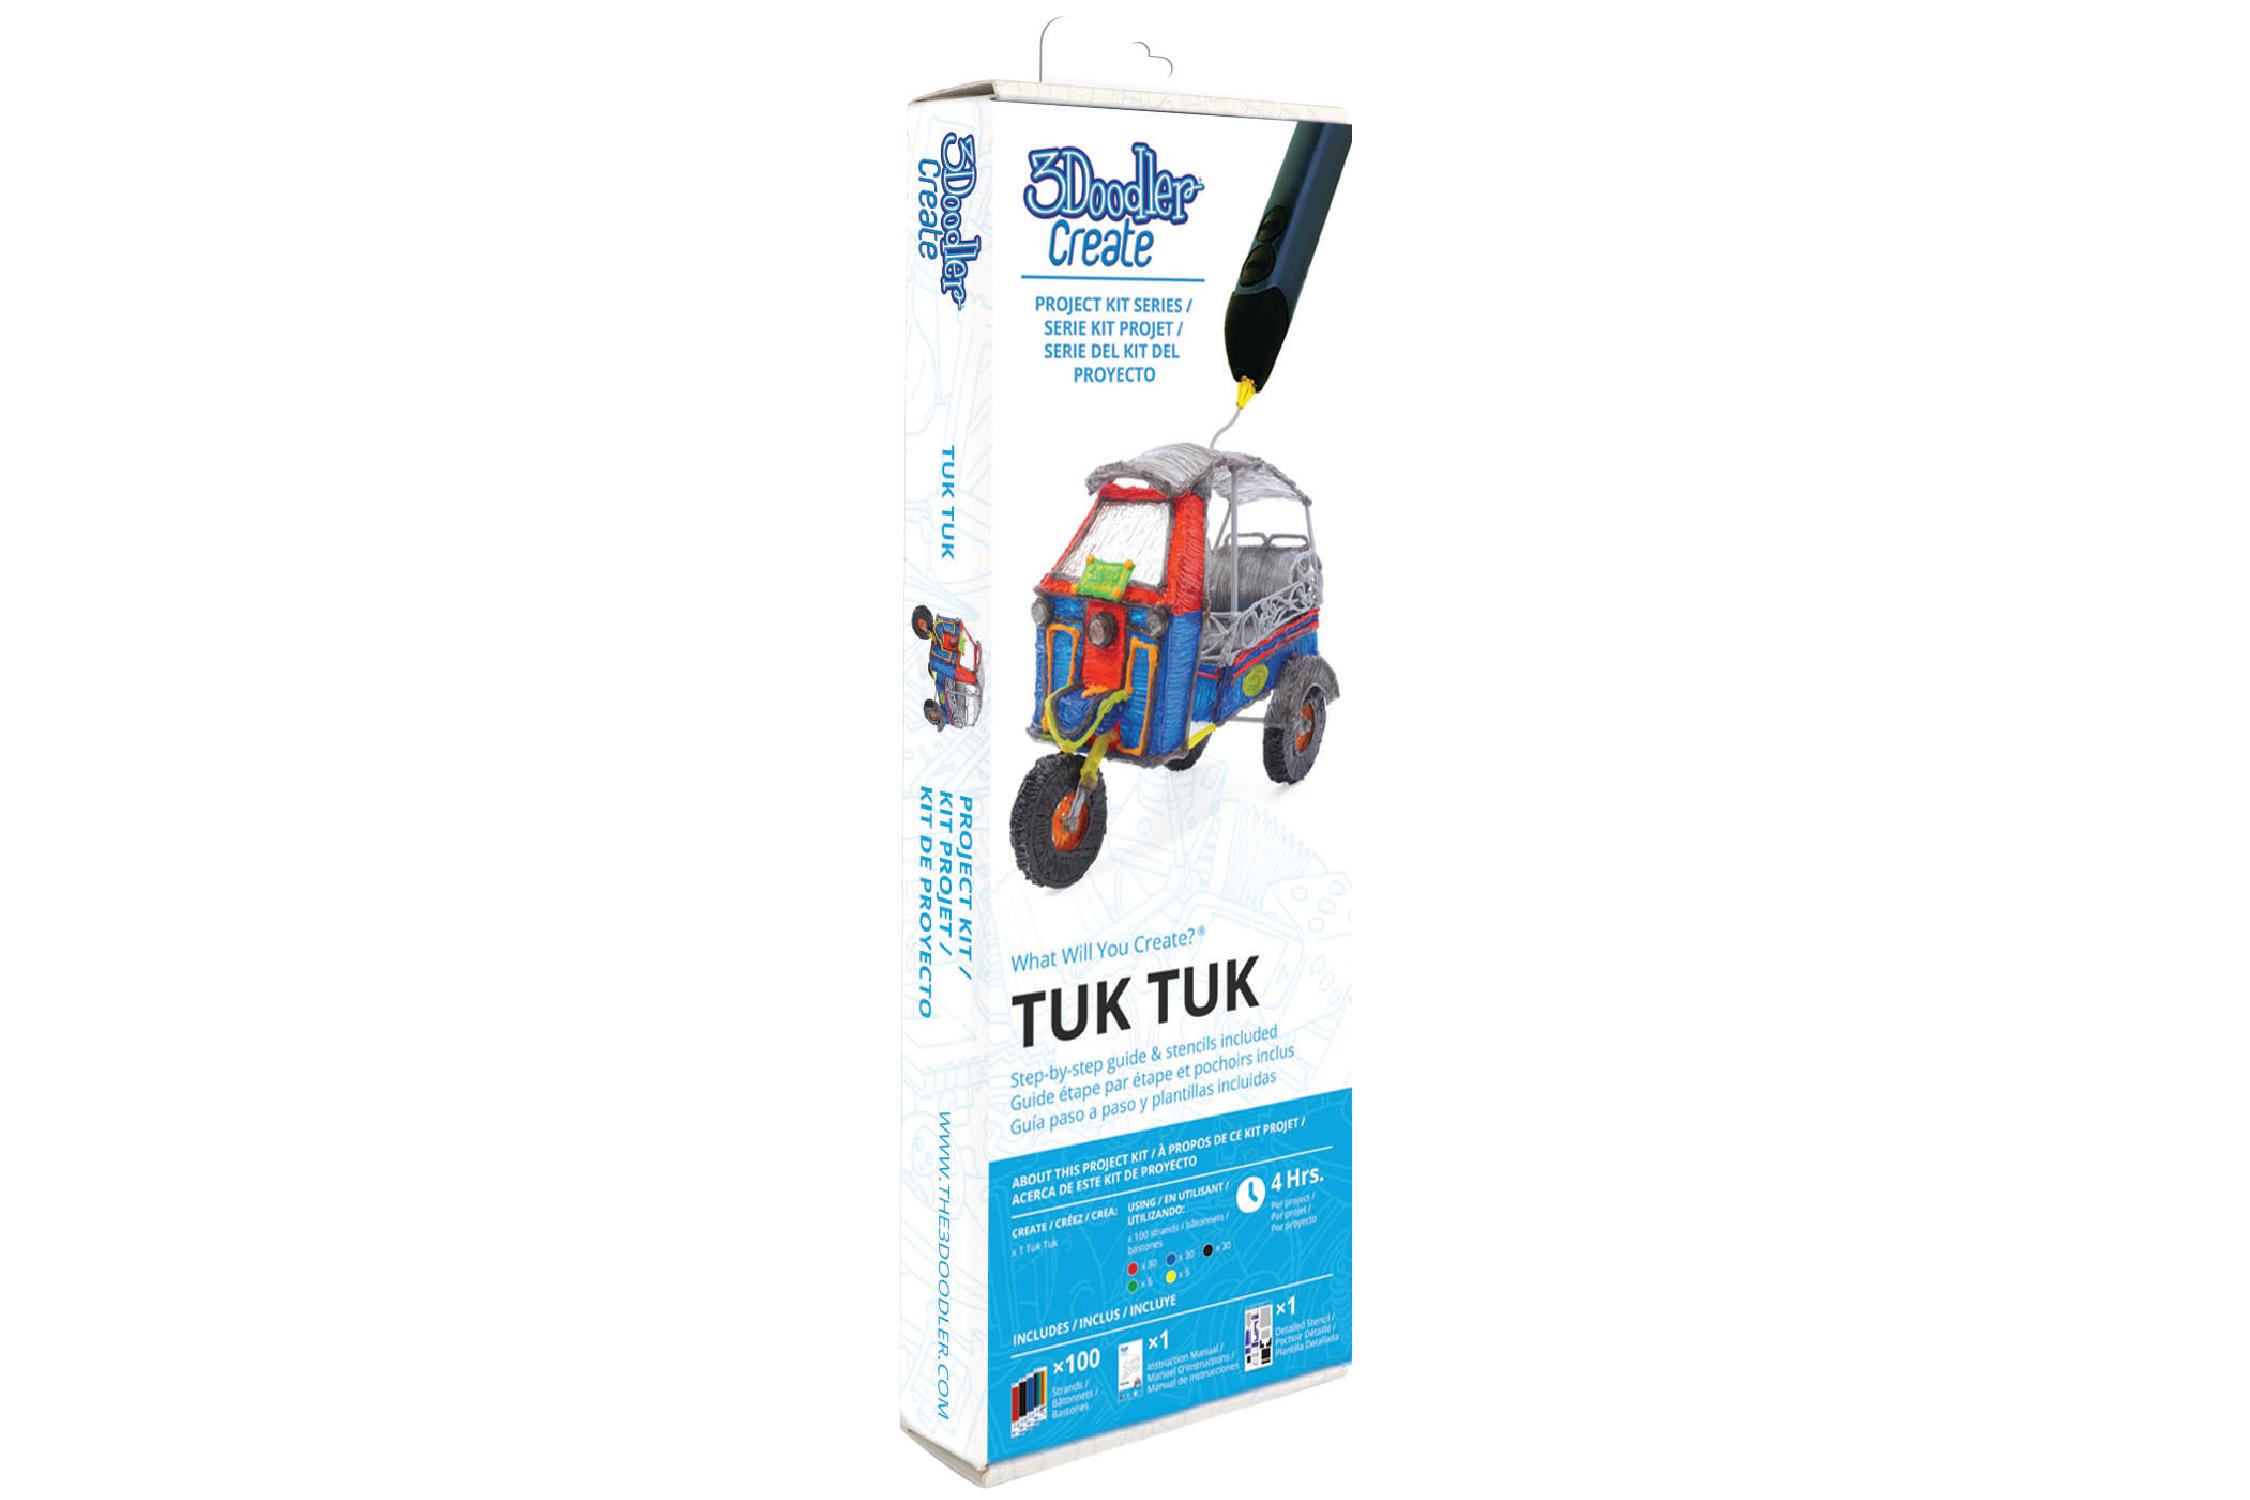 3Doodler Create Project Kit Tuk Tuk